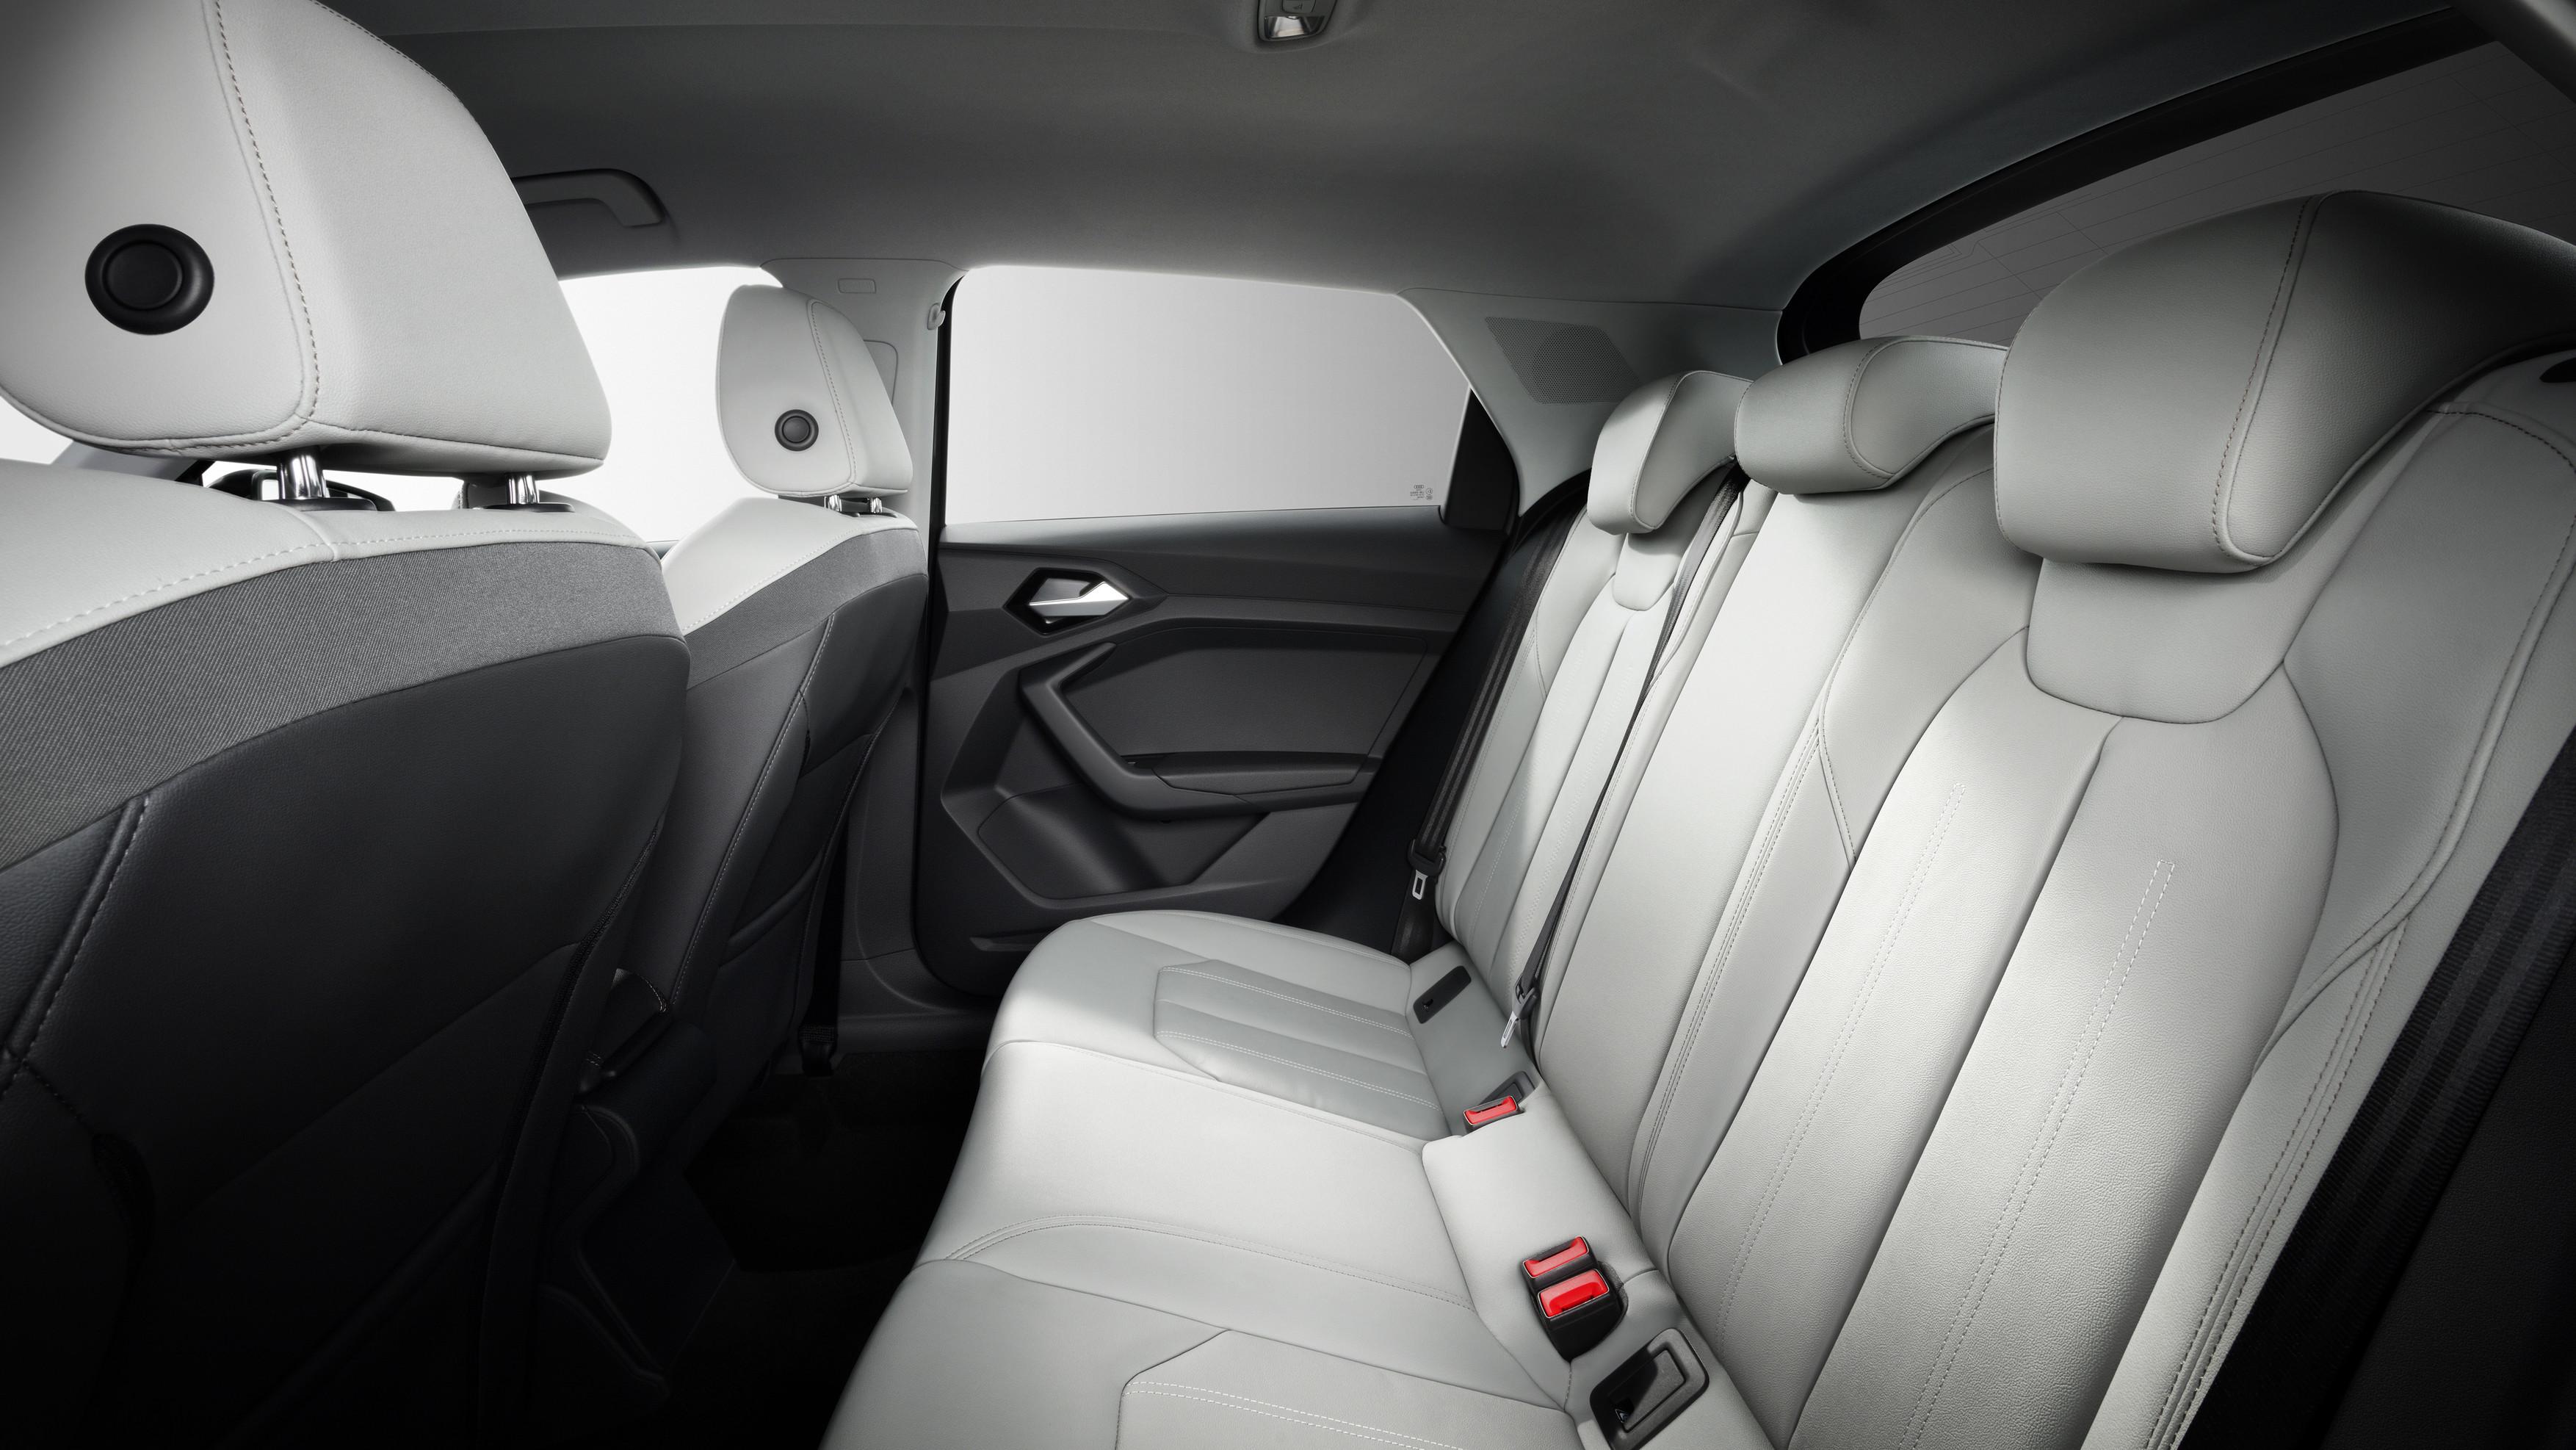 Приборная панель полностью цифровая, с дисплеем размером 10,25 дюймоd и опцией Audi Virtual Cockpit. MMI позаботится о 10,1-дюймовом сенсорном экране. Операционная система последнего поколения доступна с Apple CarPlay, Android Audi и различными други